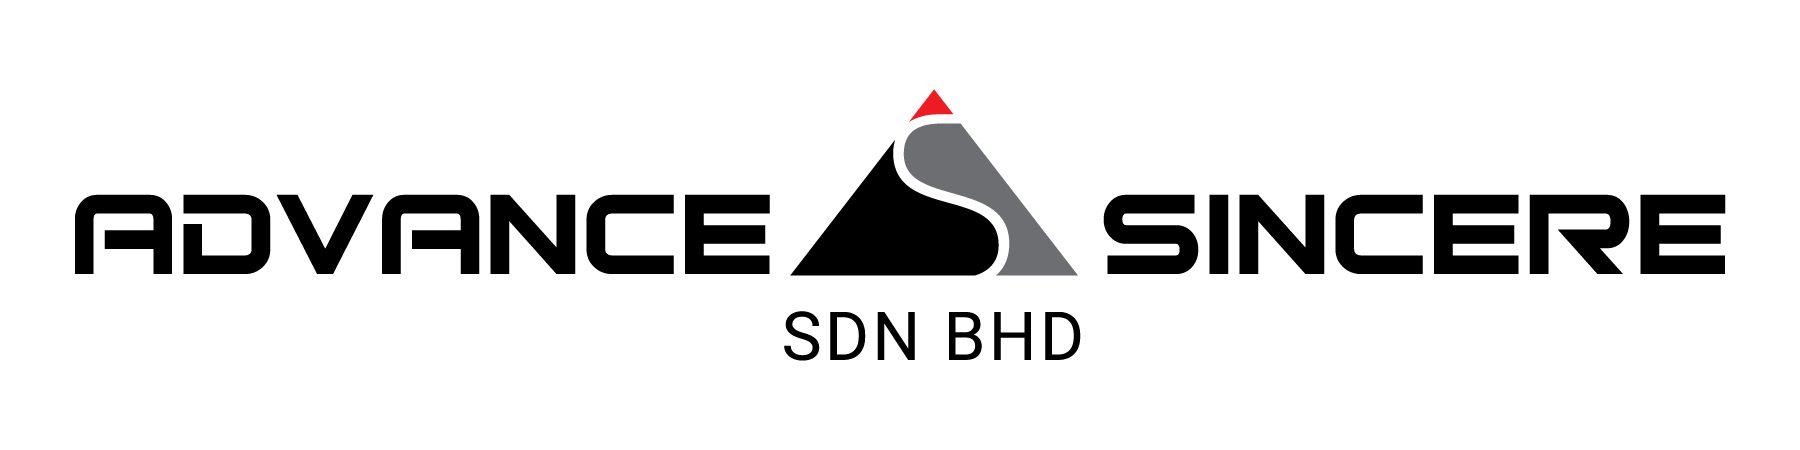 Advance Sincere Sdn Bhd